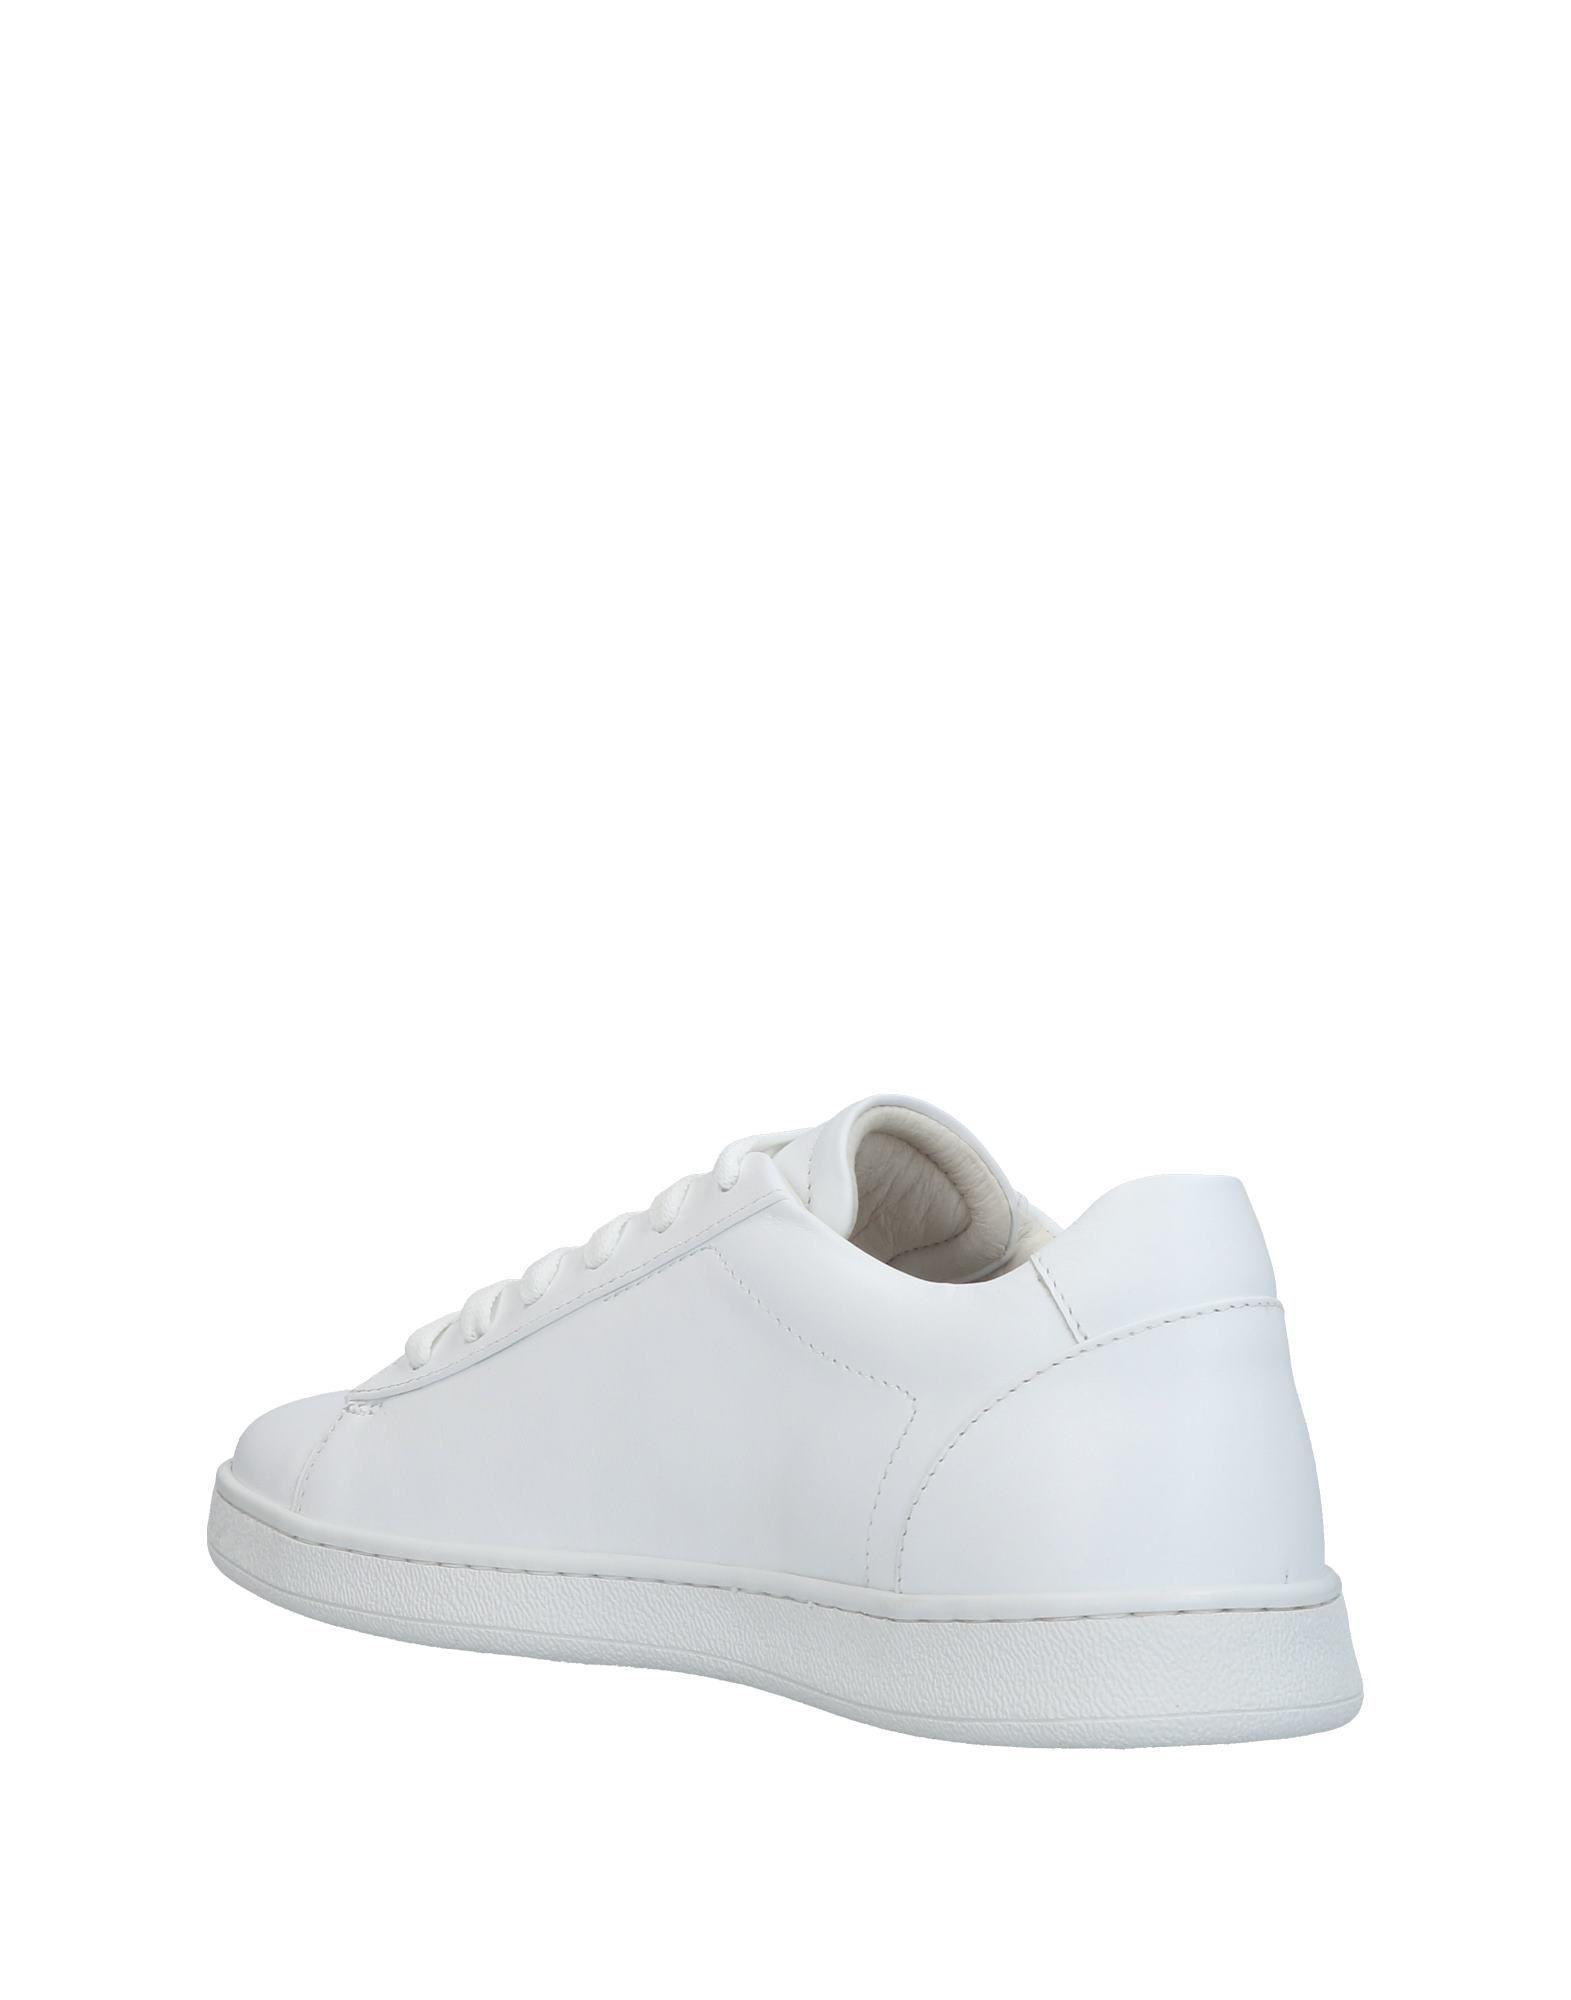 FOOTWEAR - Low-tops & sneakers Dondup qSflO4G